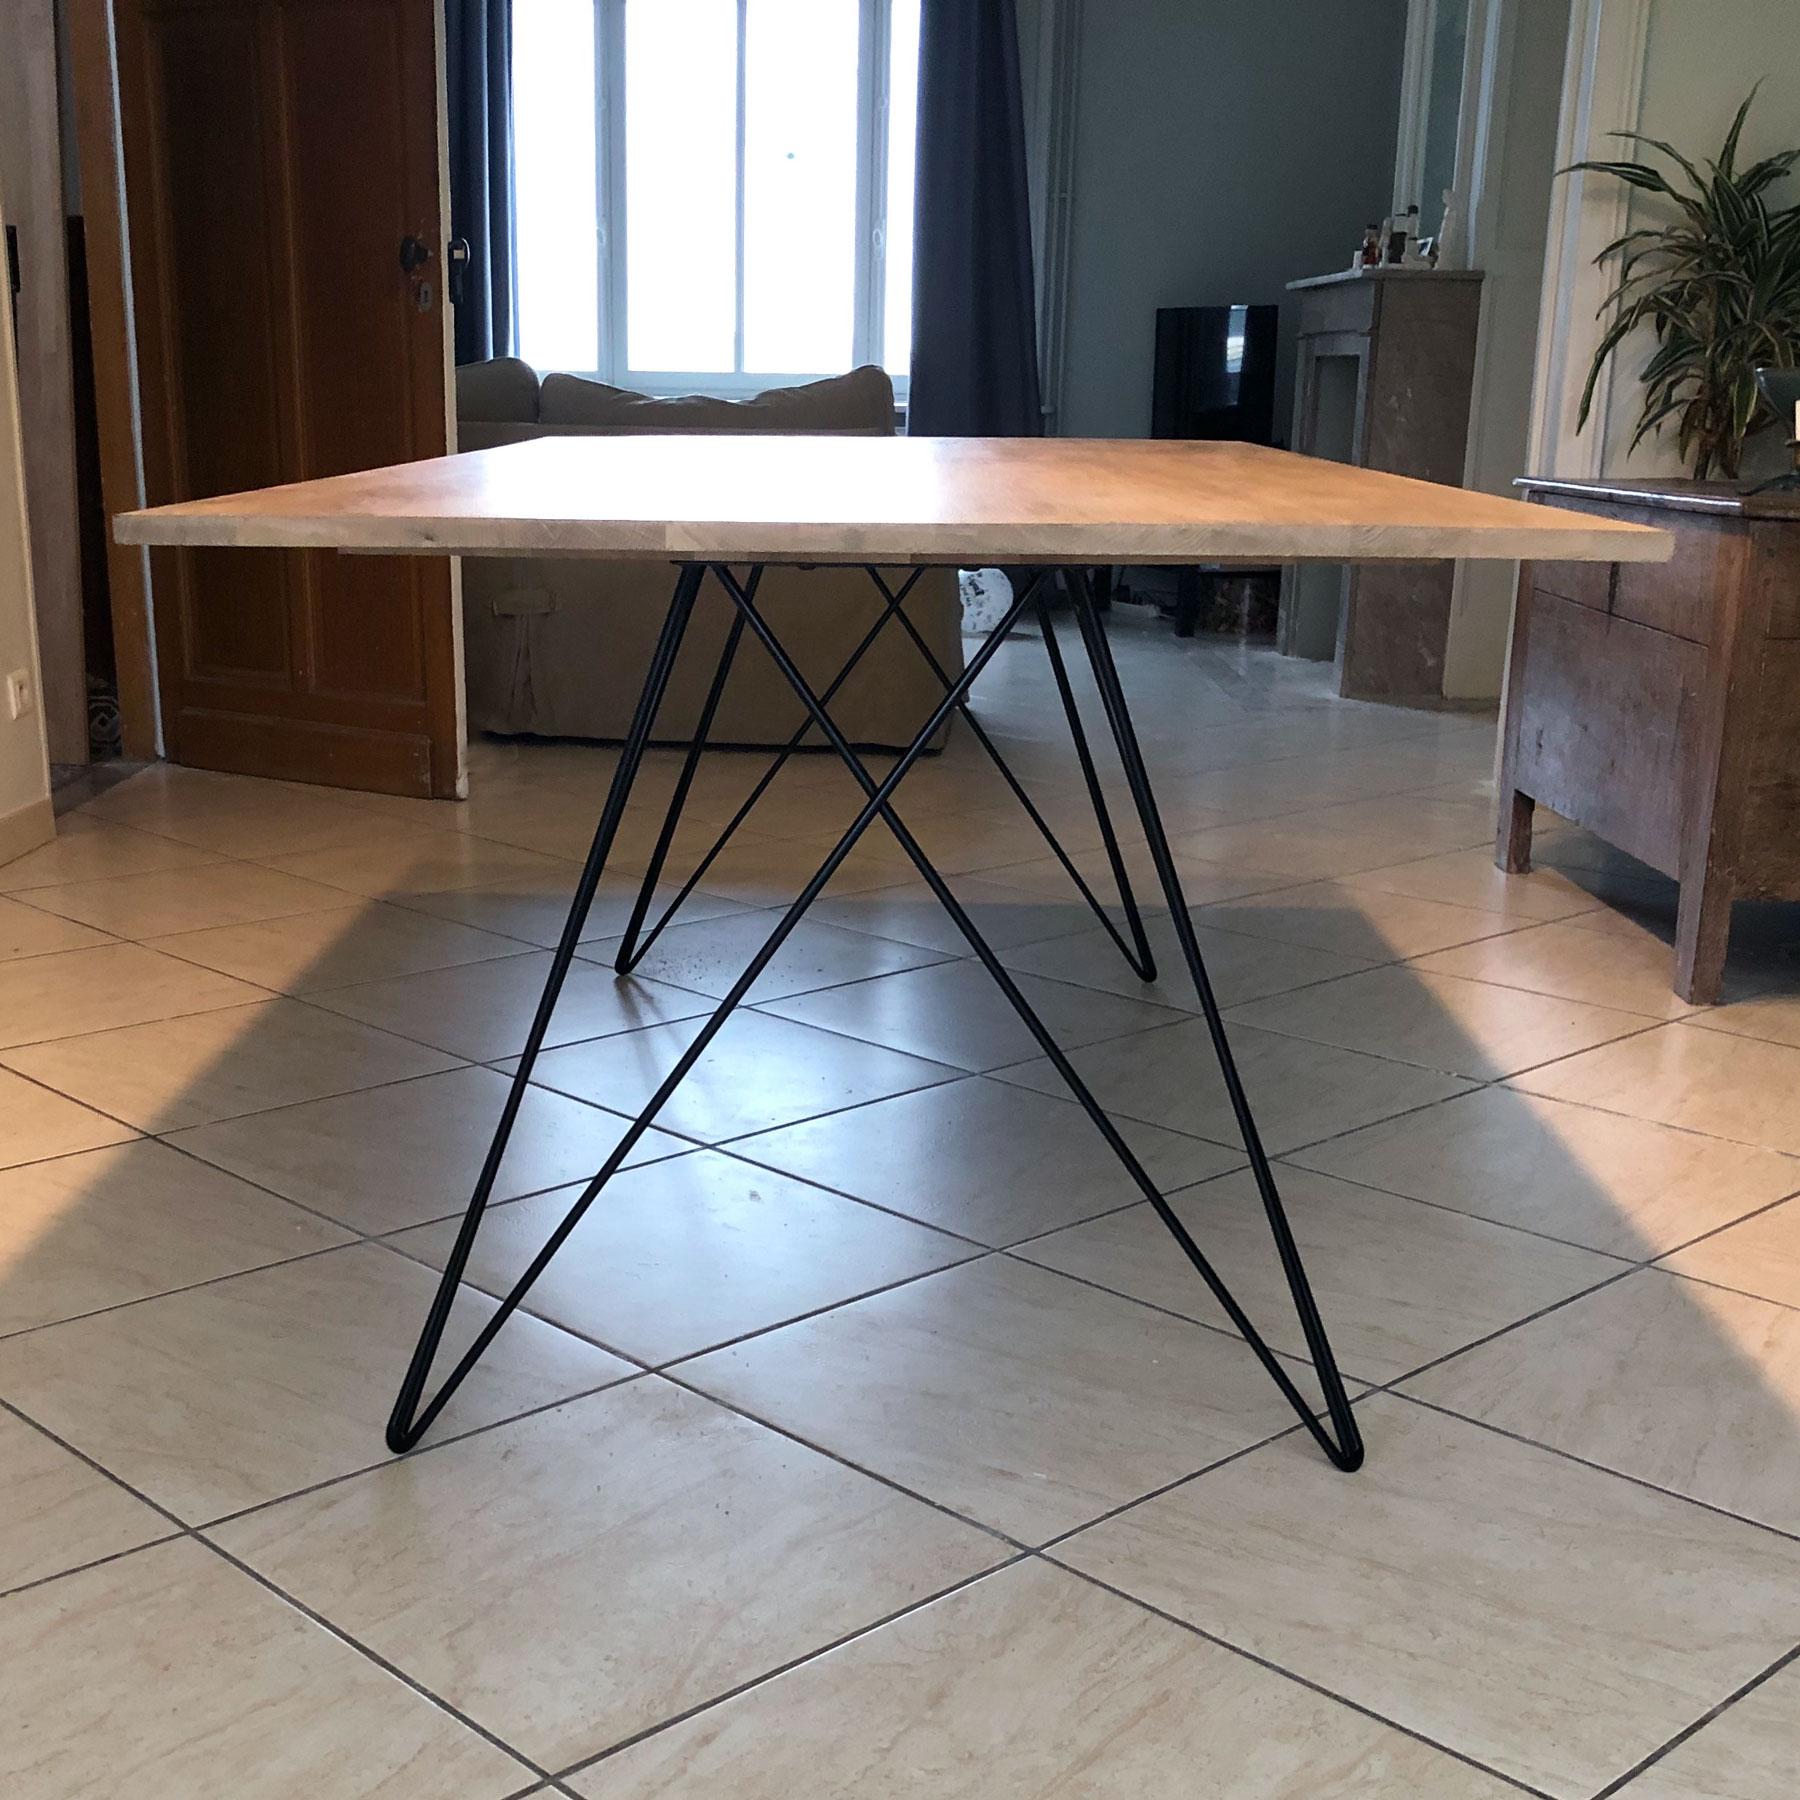 Table à manger en bois massif brute avec pieds en épingle renforcées métallique noirs.